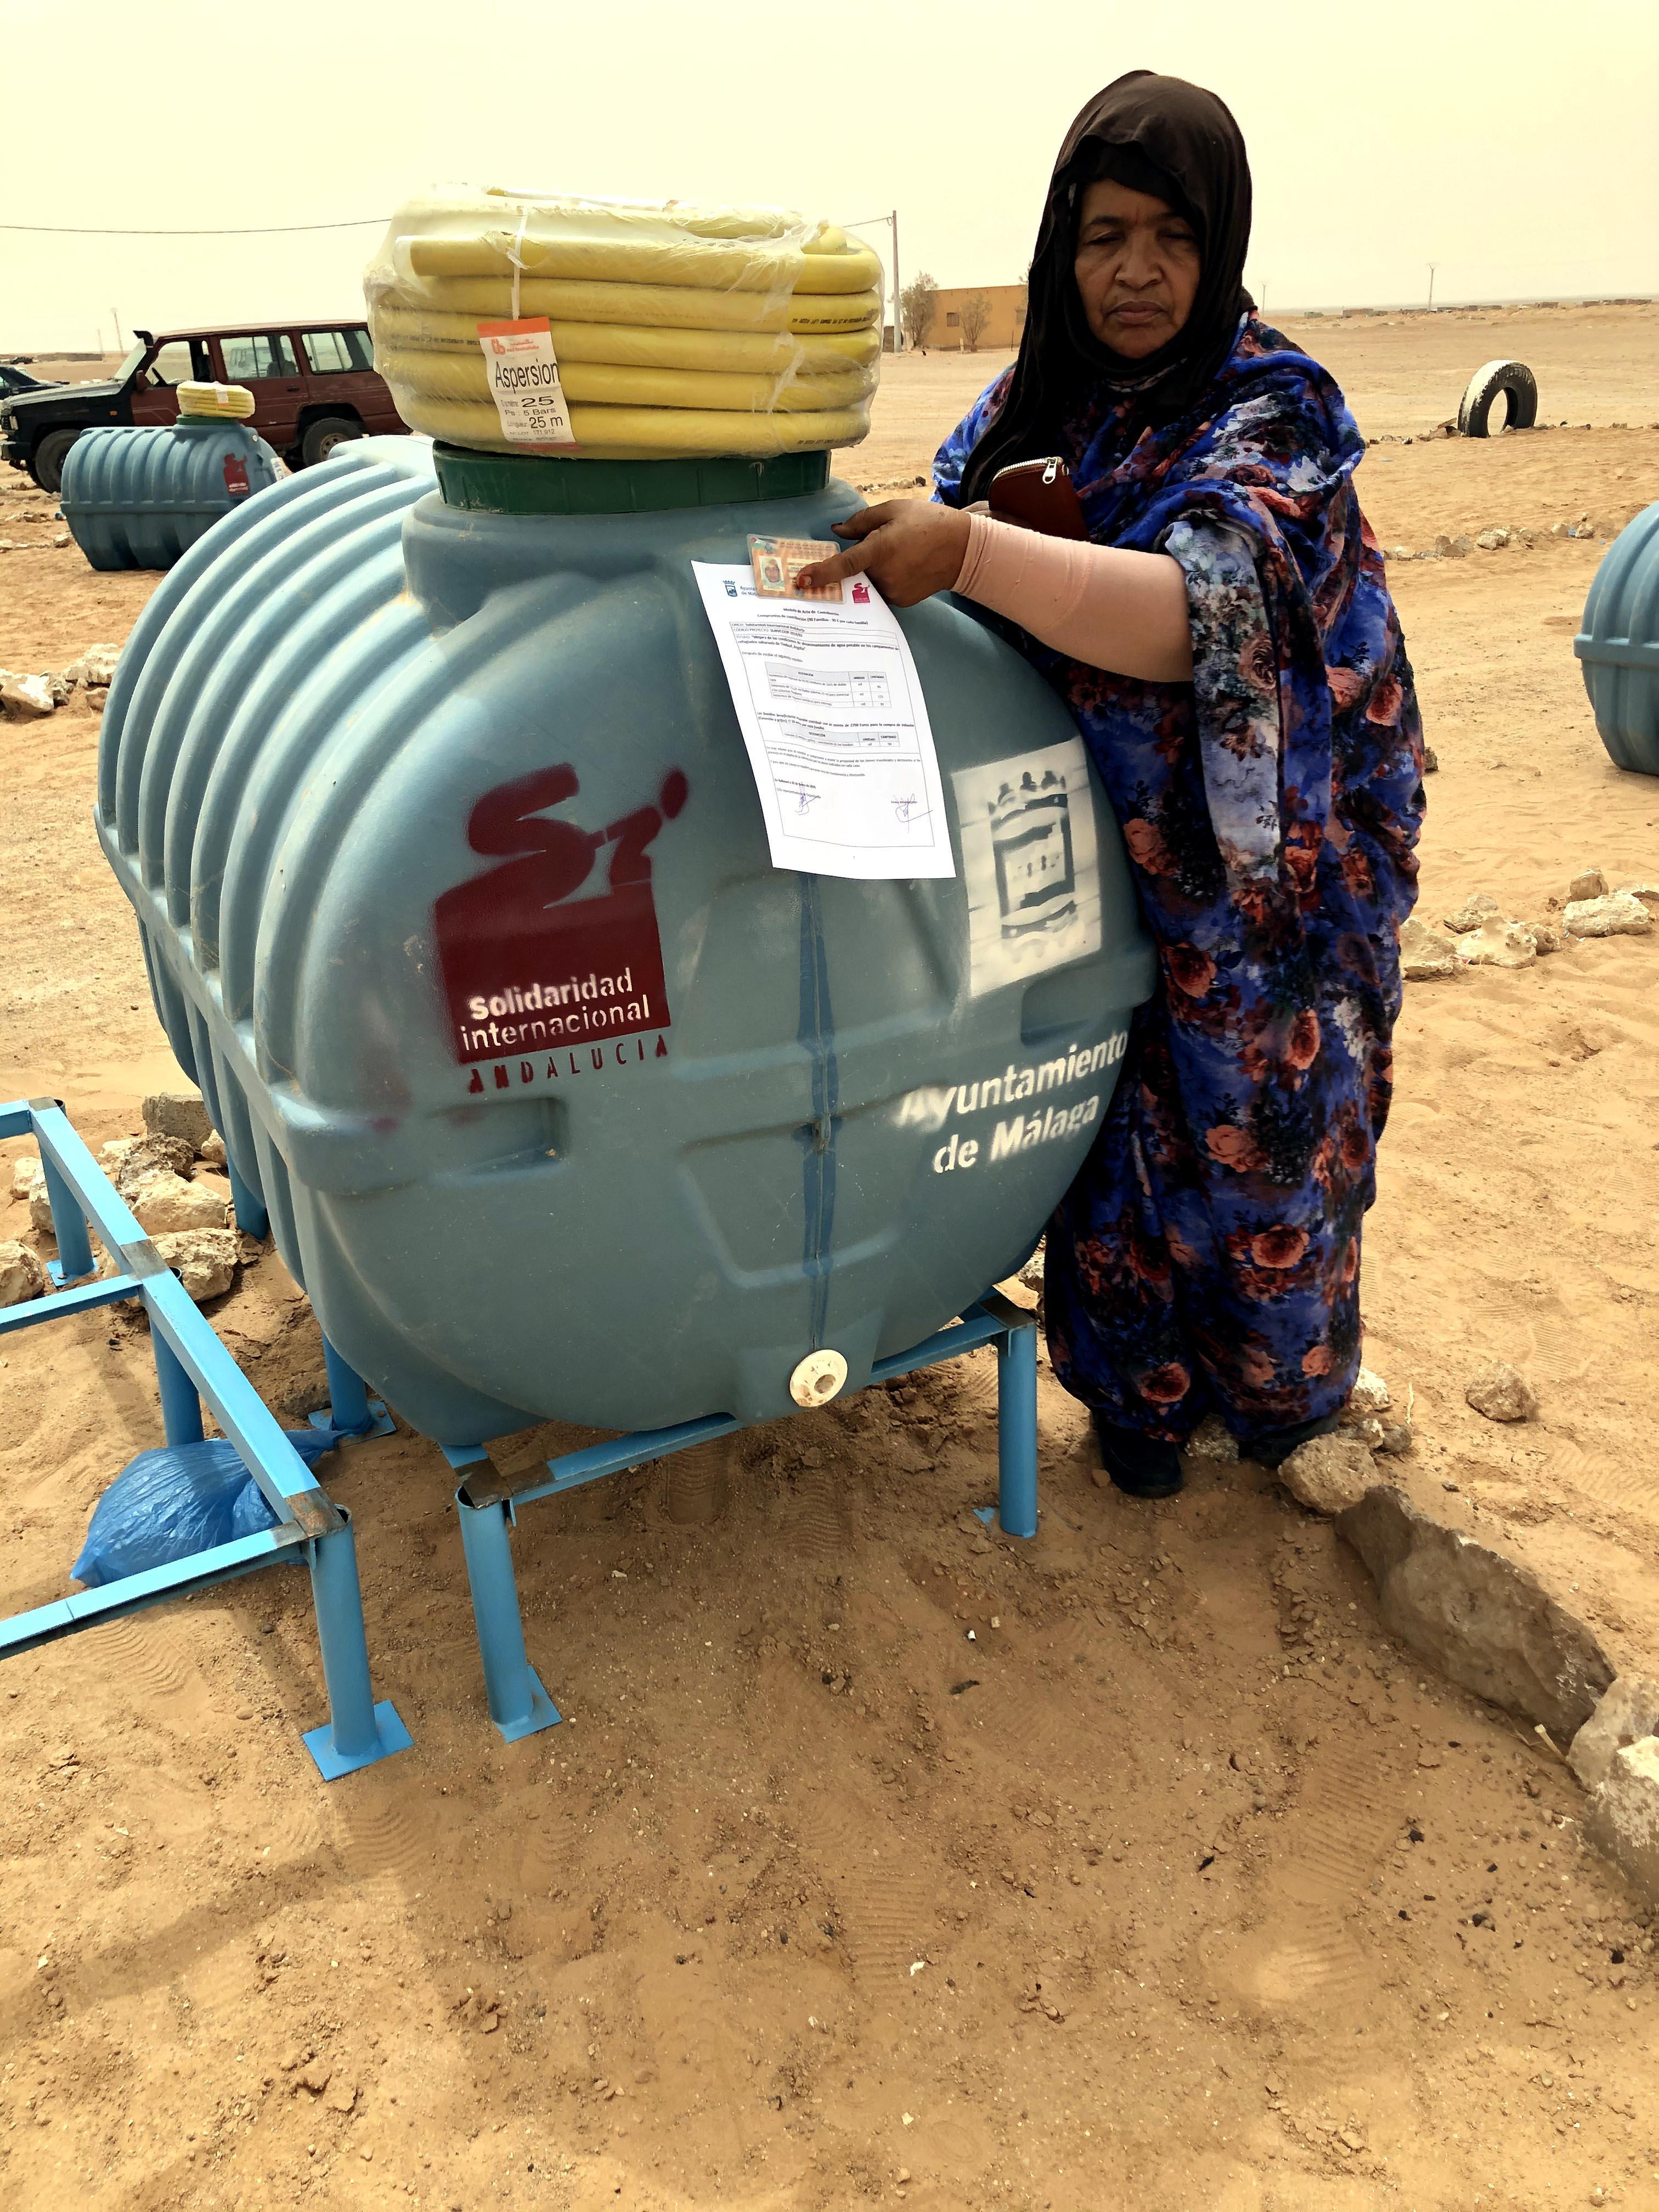 Mejora de las condiciones de almacenamiento de agua potable en los campamentos de refugiados saharauis de Tindouf, Argelia